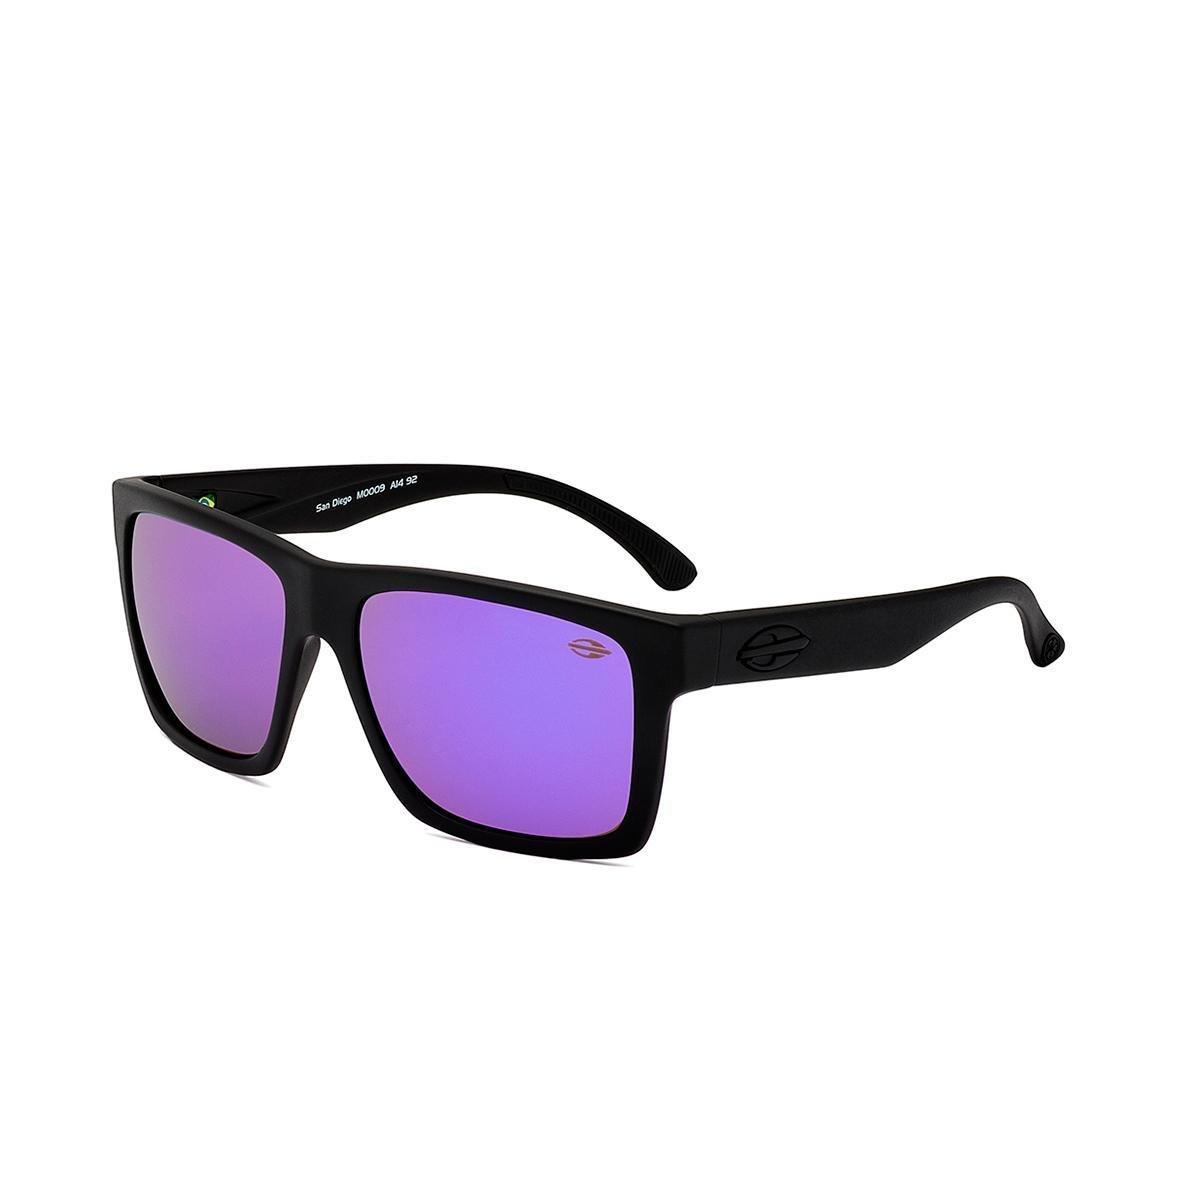 3e28482fee51f Oculos Sol Mormaii San Diego - Compre Agora